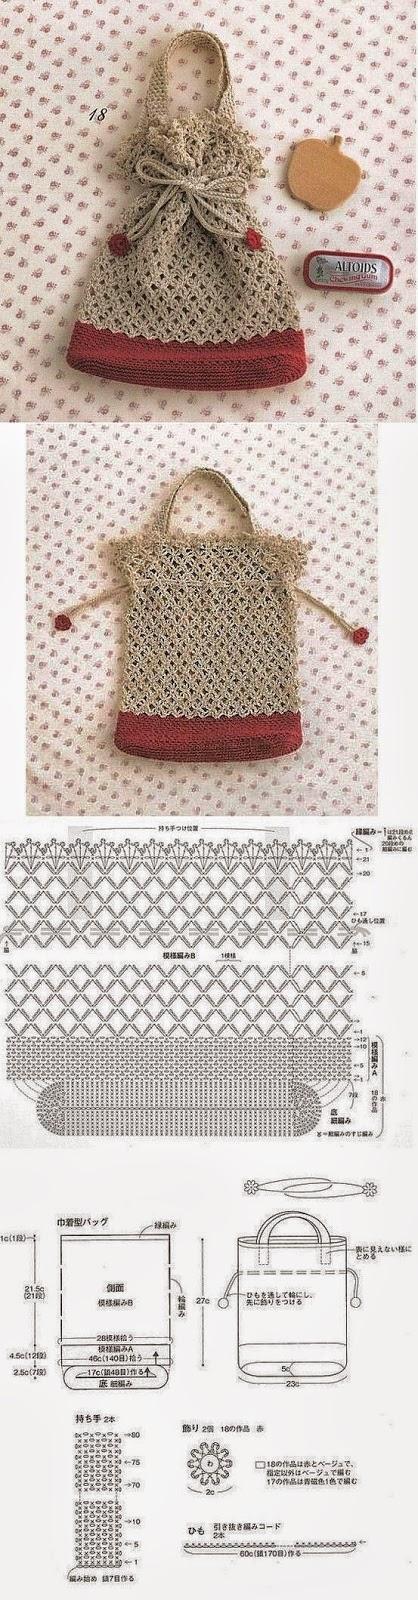 Bonita cartera crochet